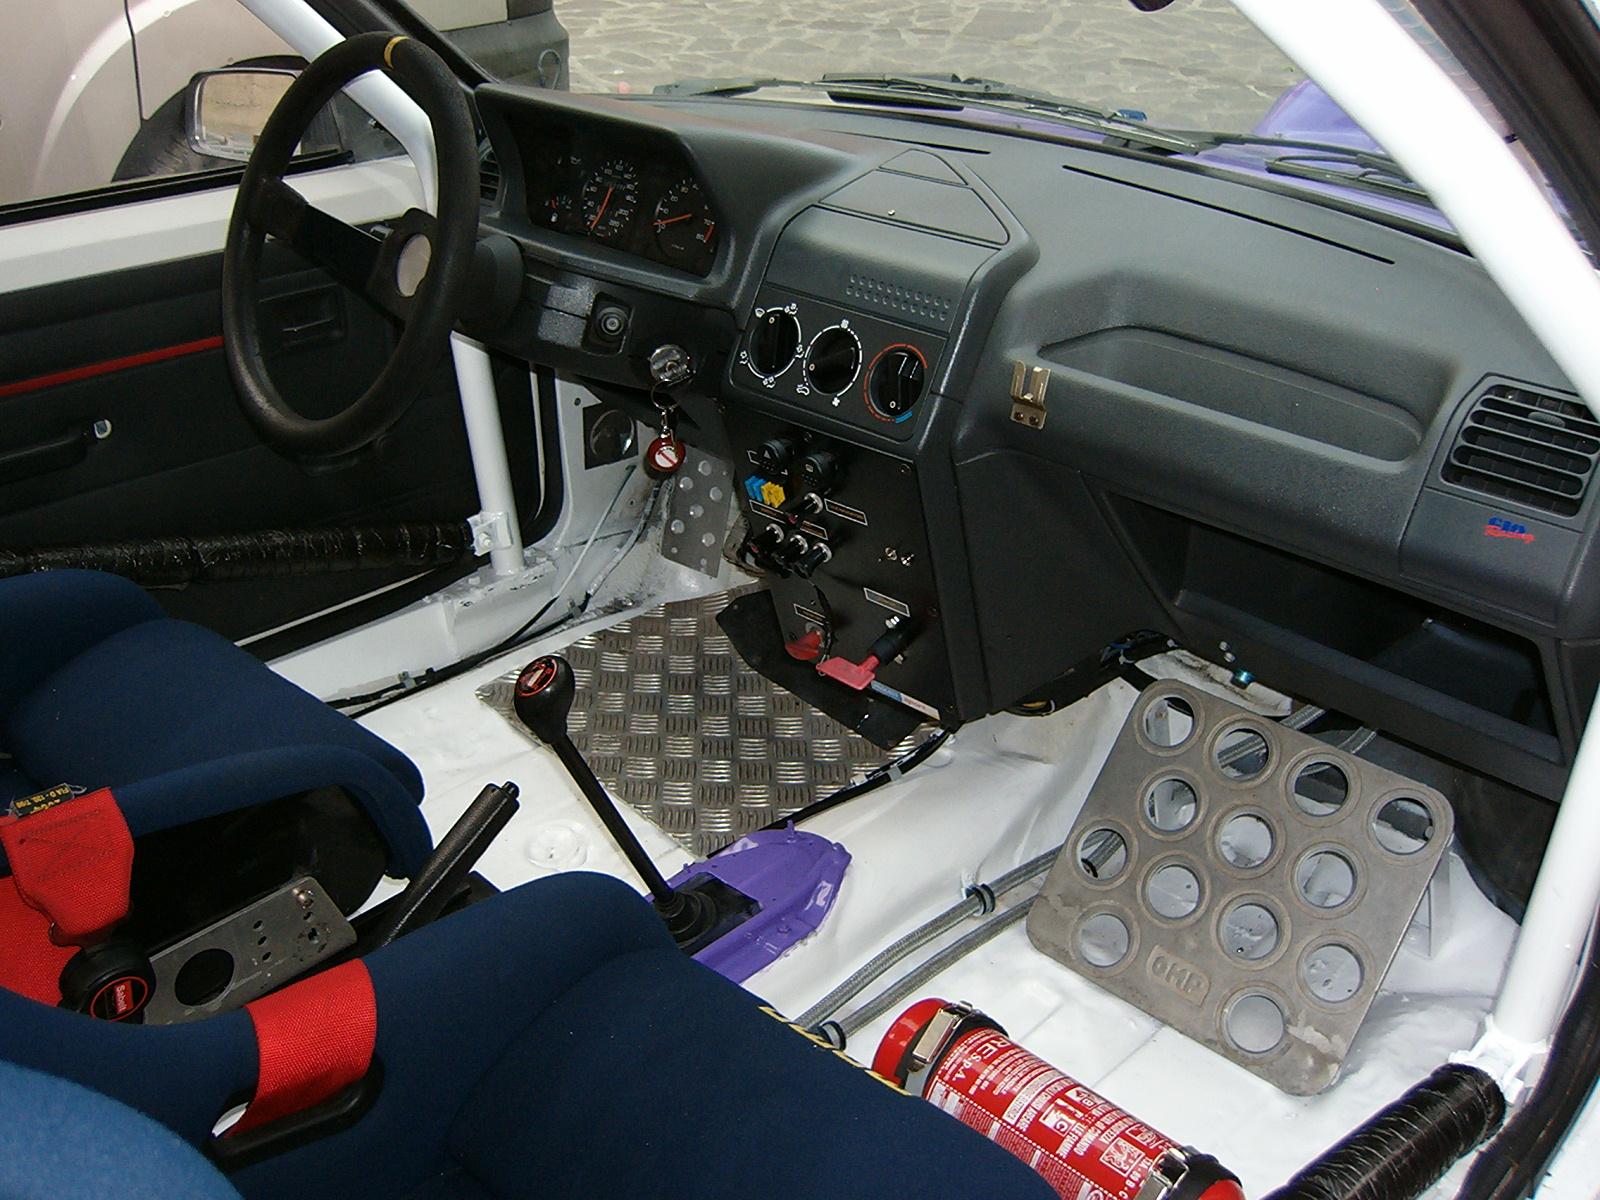 Peugeot 205 Rallye 1300: